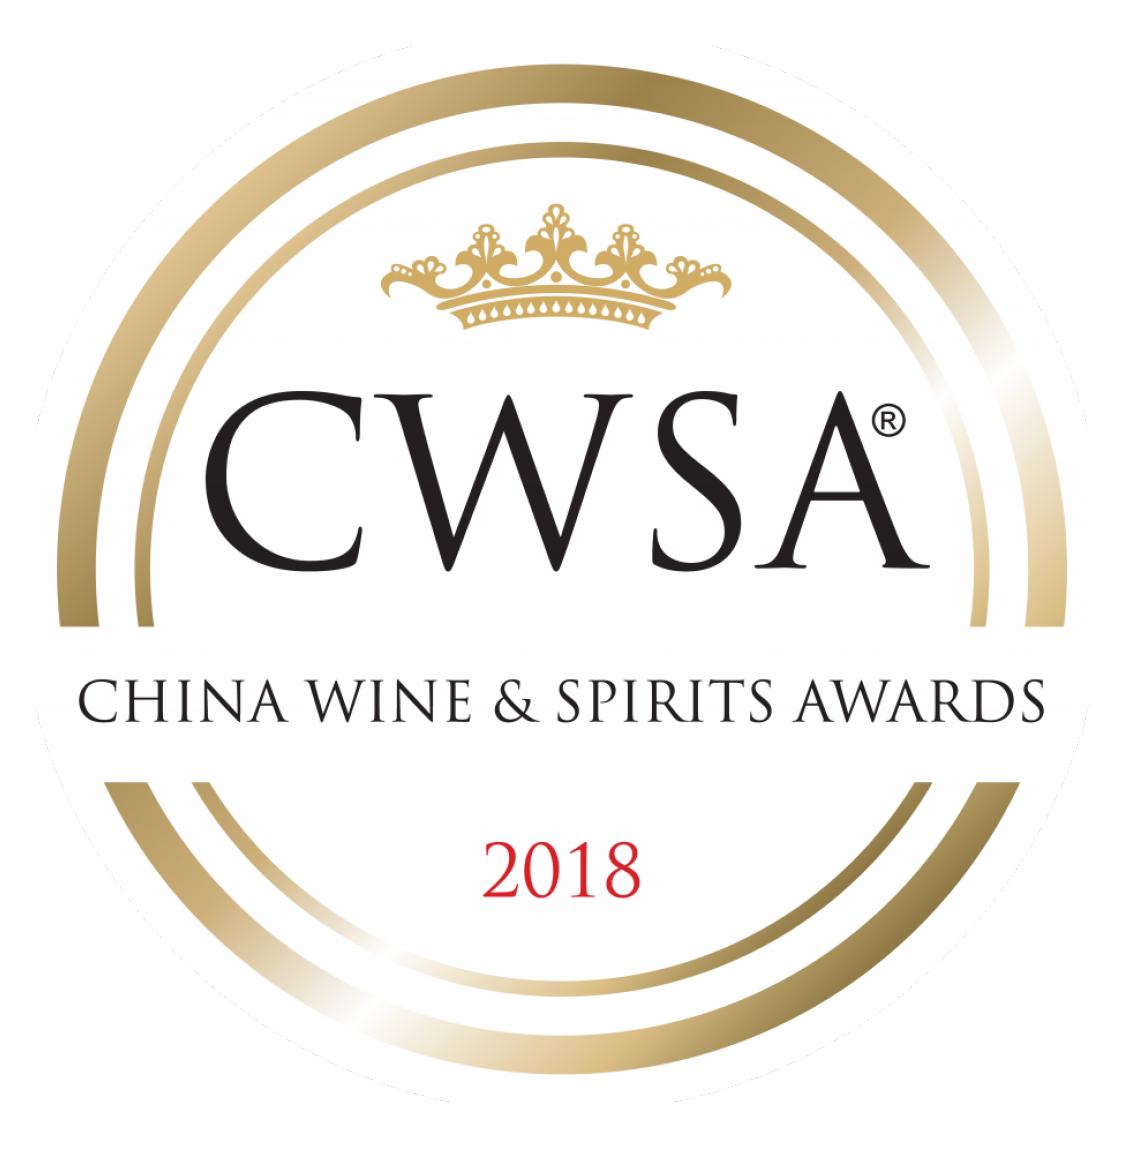 2011 vintage, awarded the Gold Medal at the 2018 China Wine Spirits Awards, Hong Kong (China).